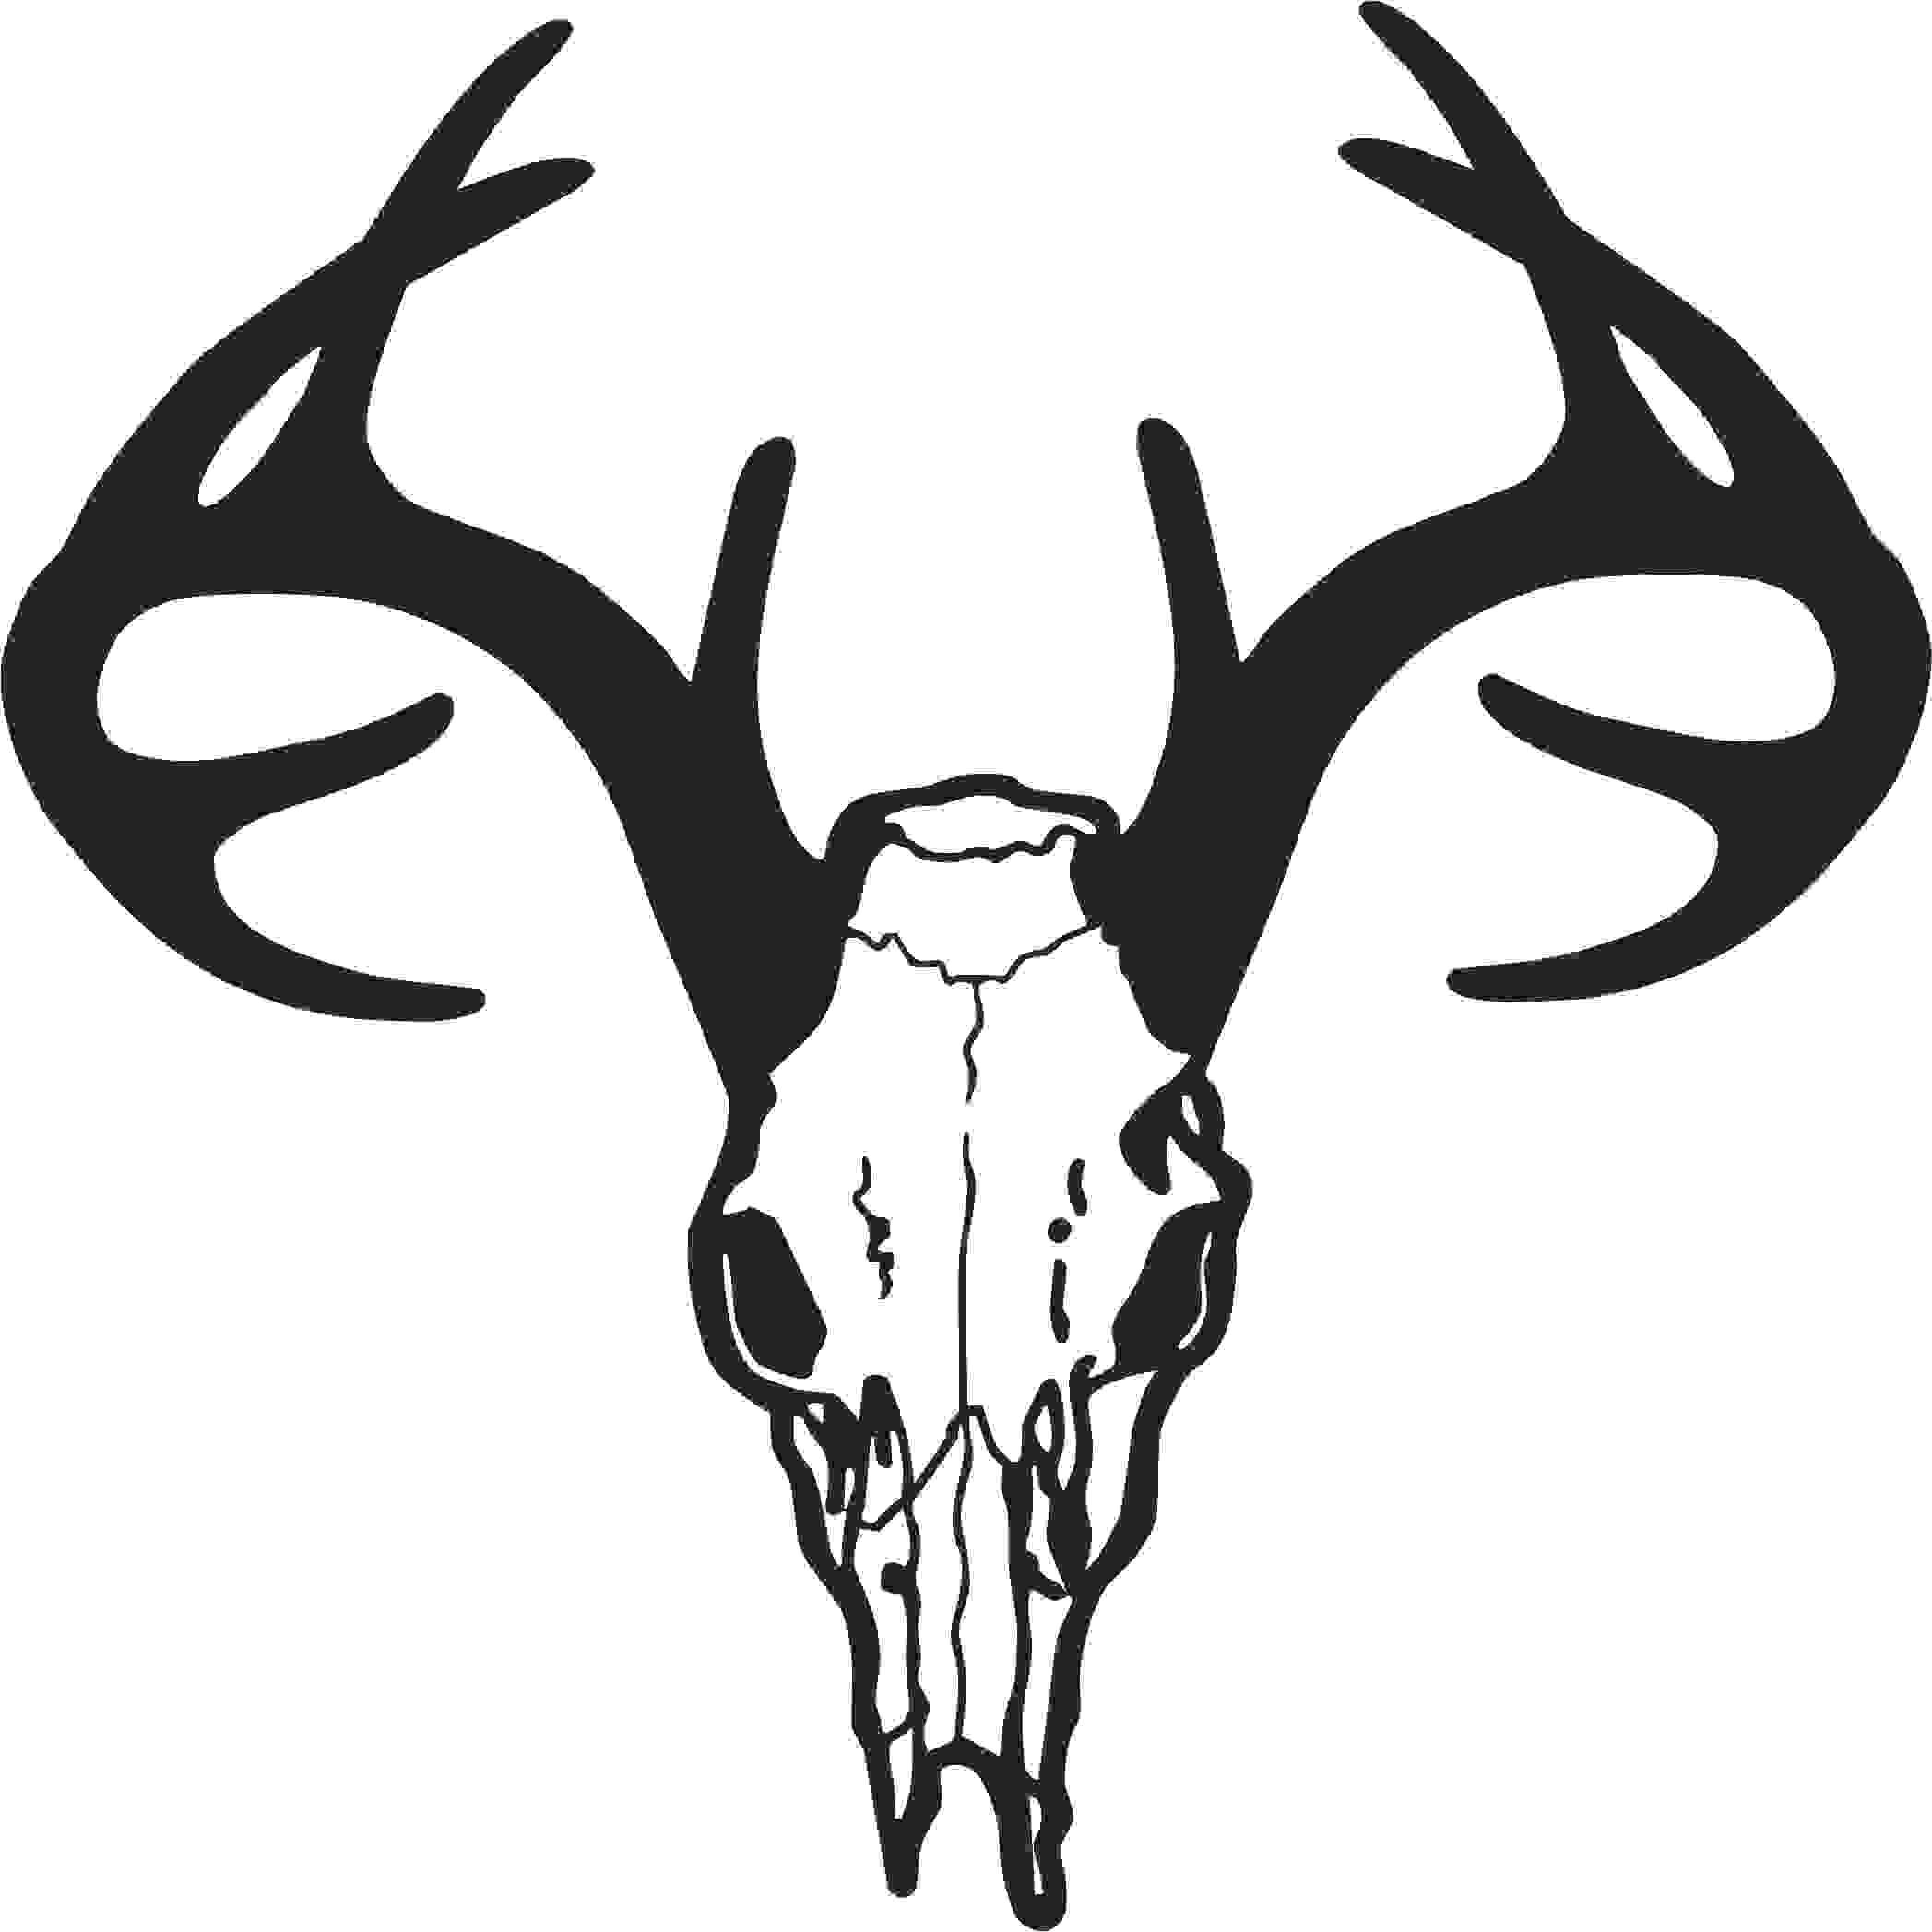 Drawing with Skulls This is Best Deer Skull Clip Art 14201 Deer Skull Drawing Free